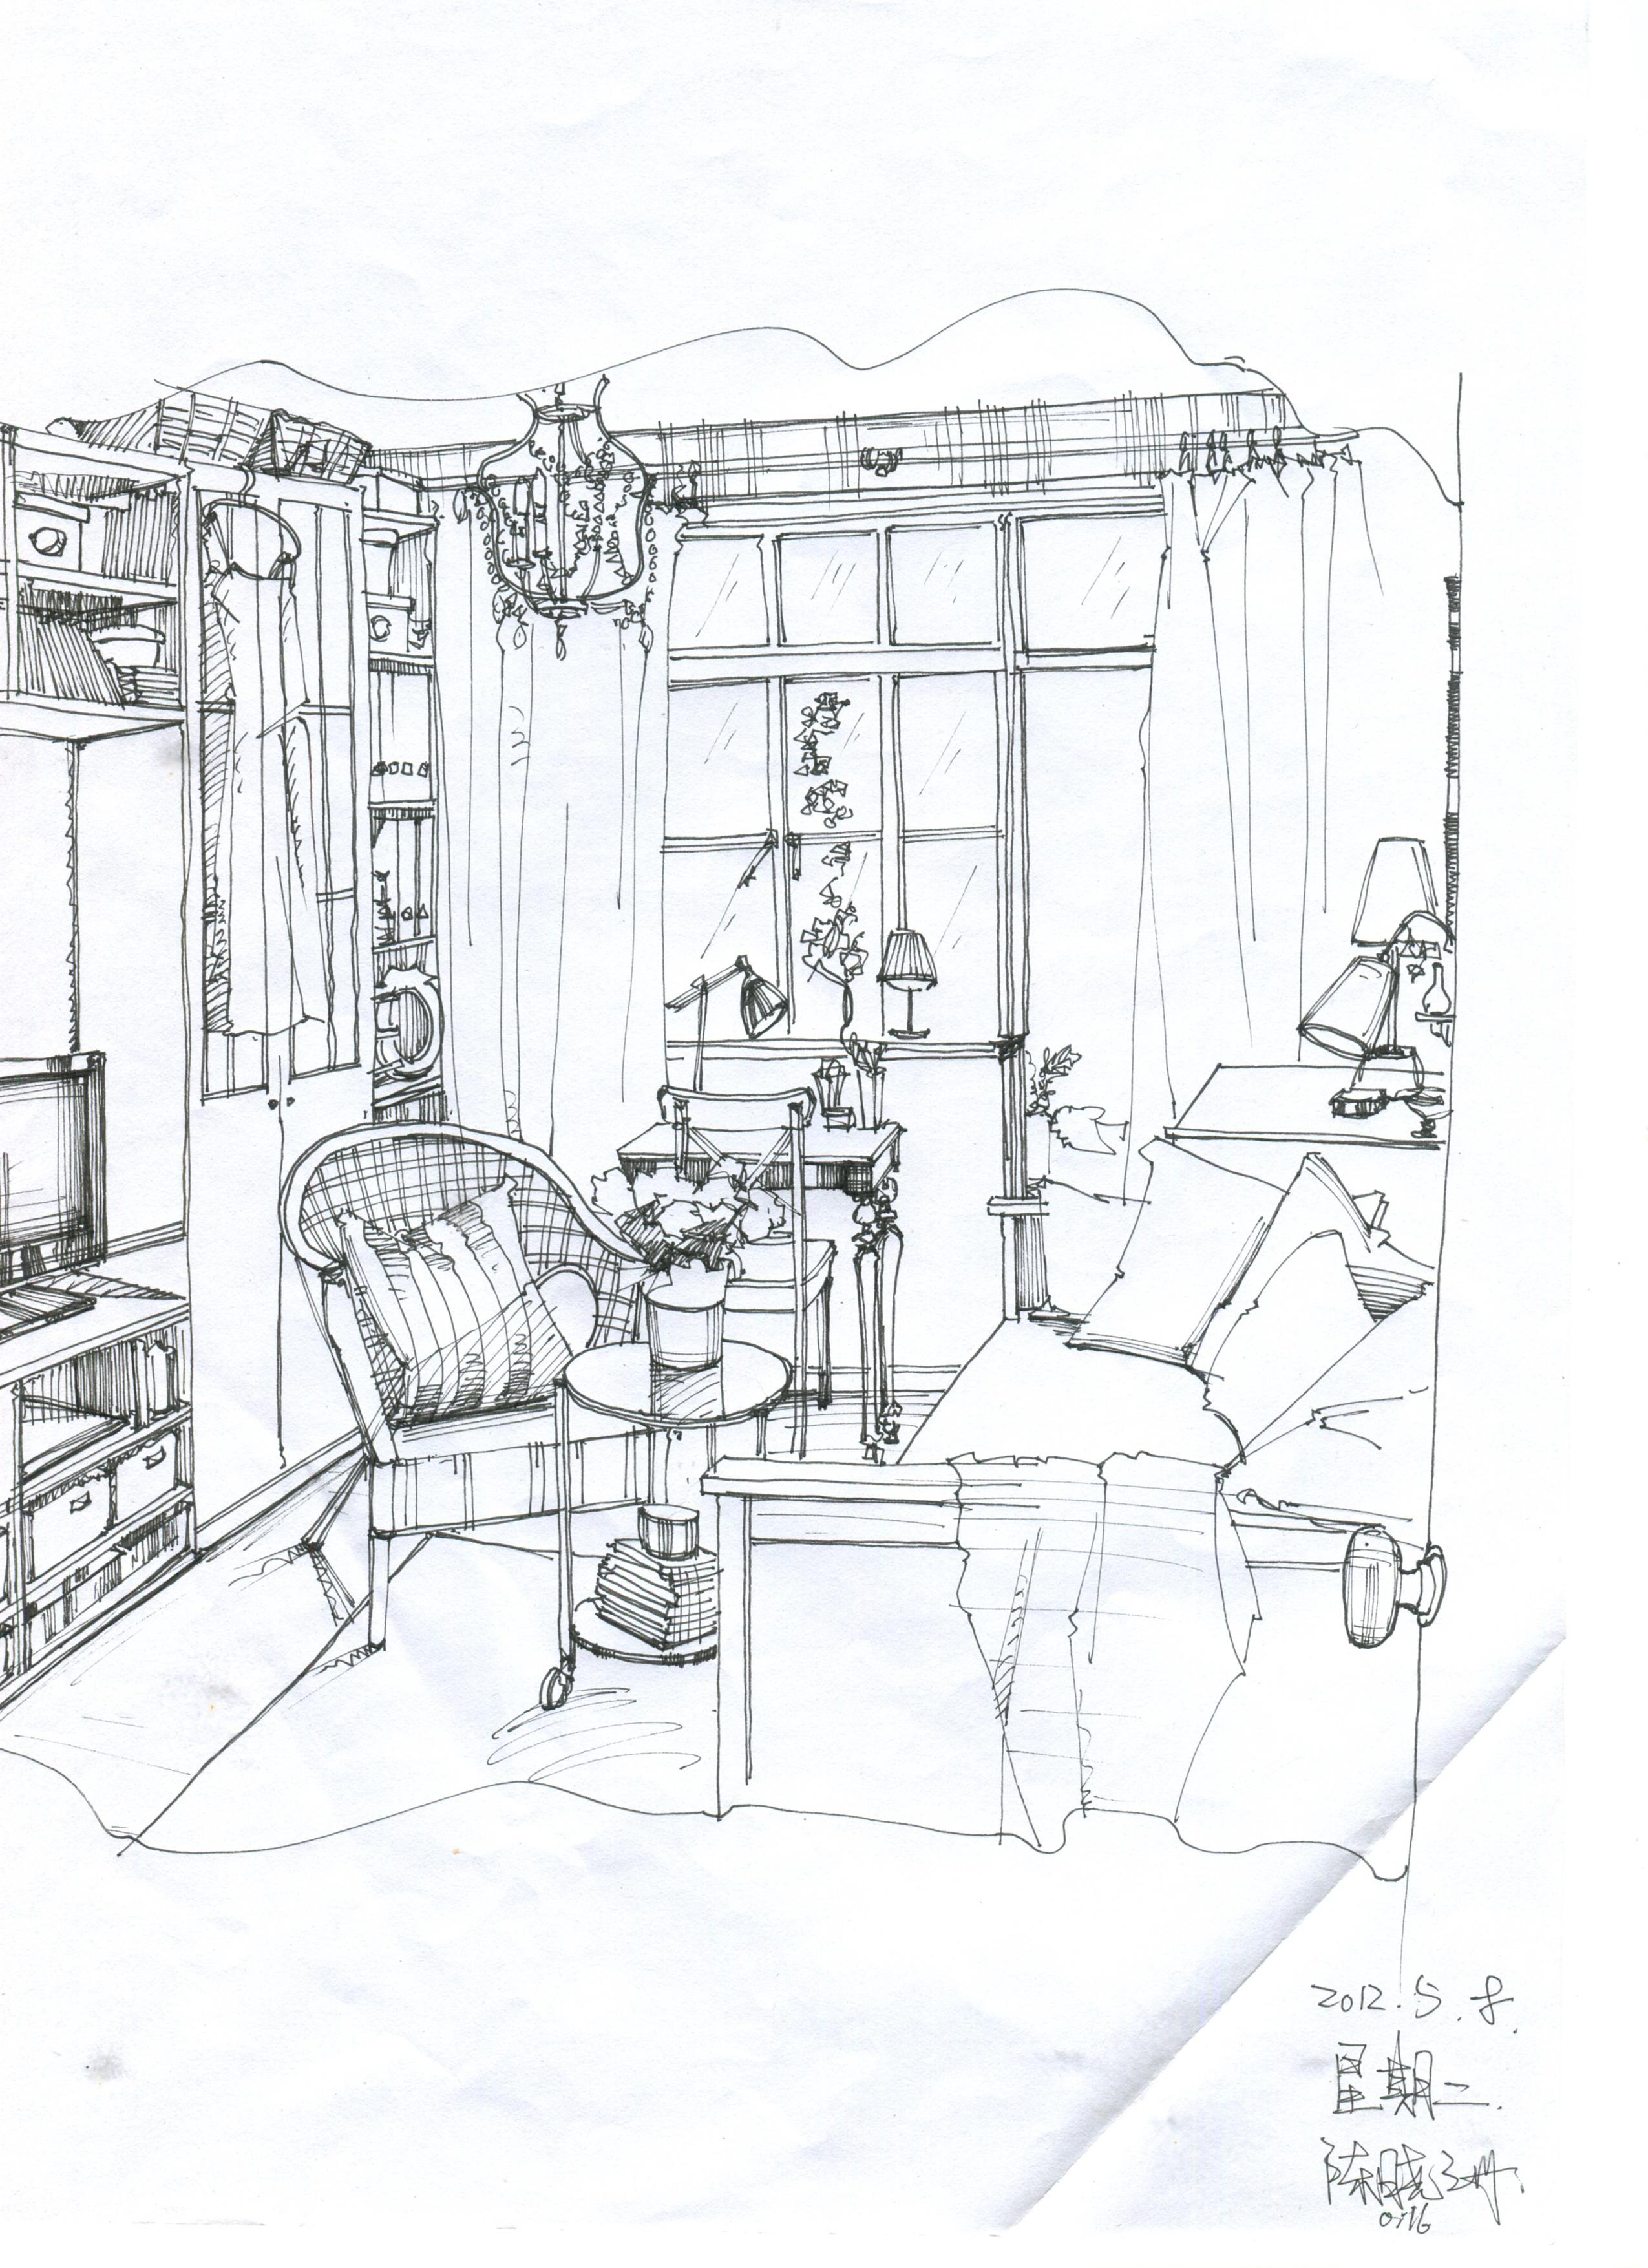 户型 户型图 简笔画 平面图 手绘 线稿 2550_3509 竖版 竖屏